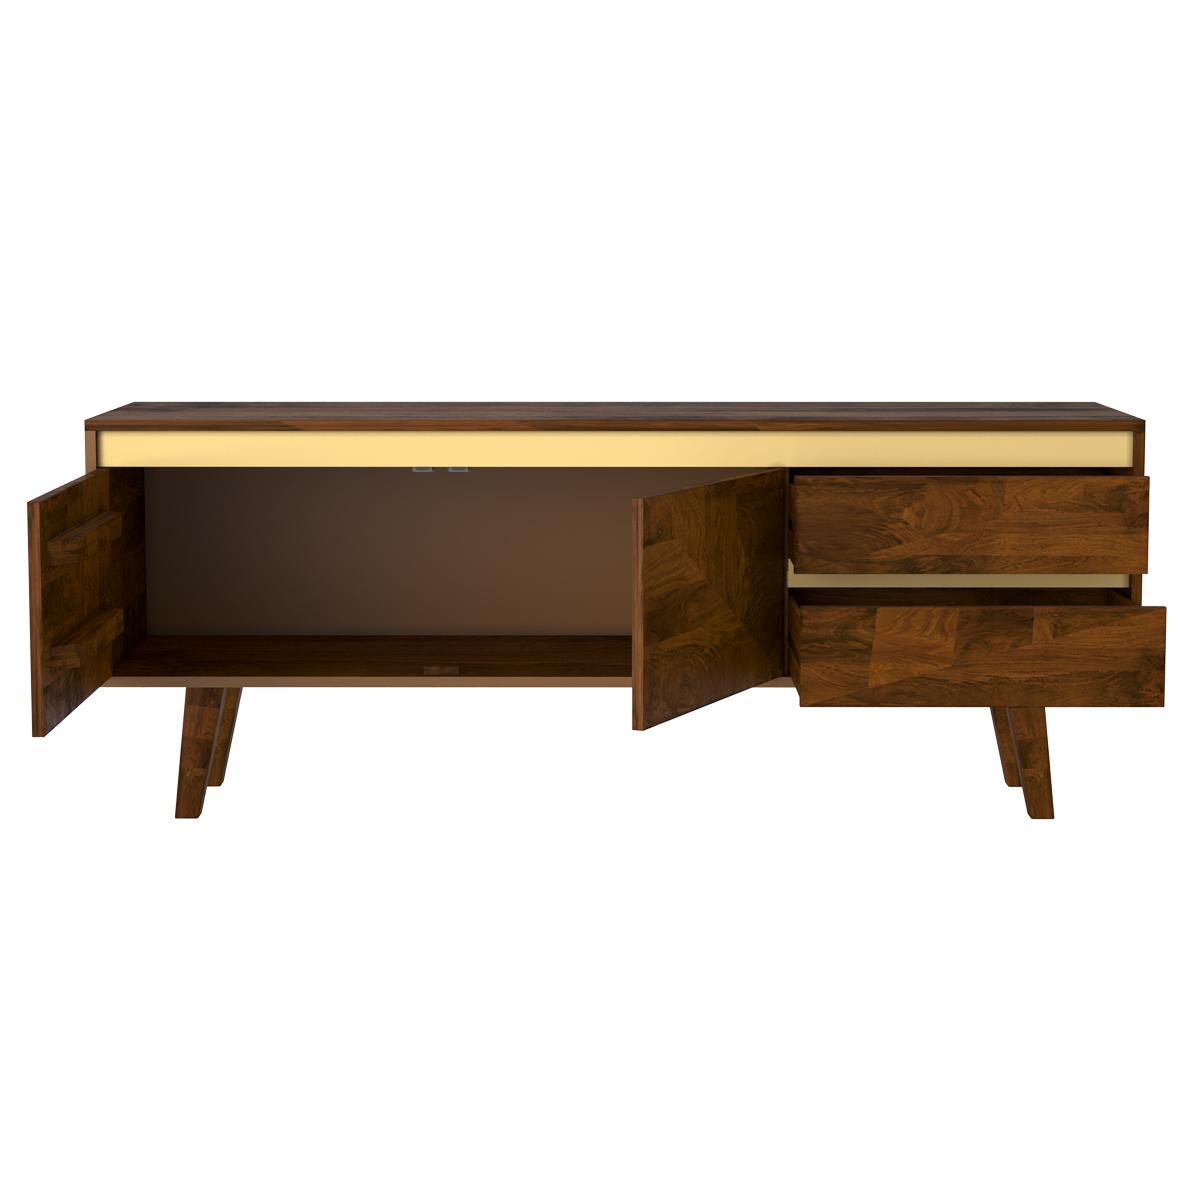 Meuble TV en bois détails dorés 2 portes 2 tiroirs